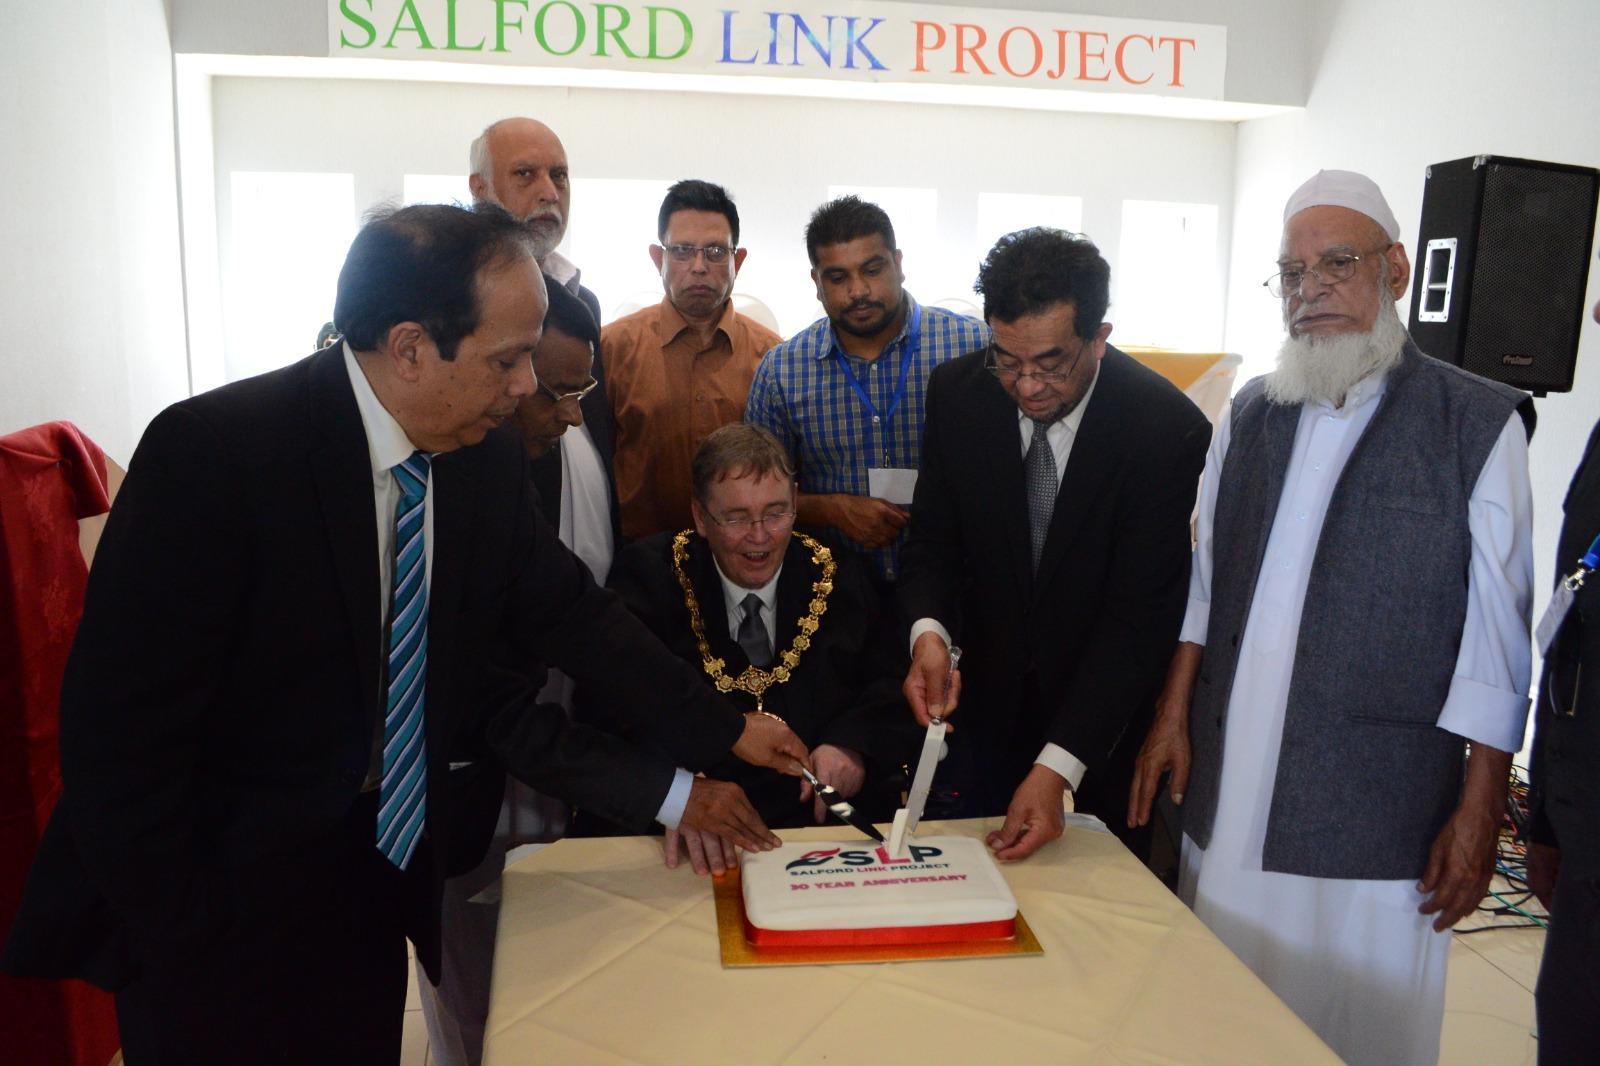 Mayor cutting cake